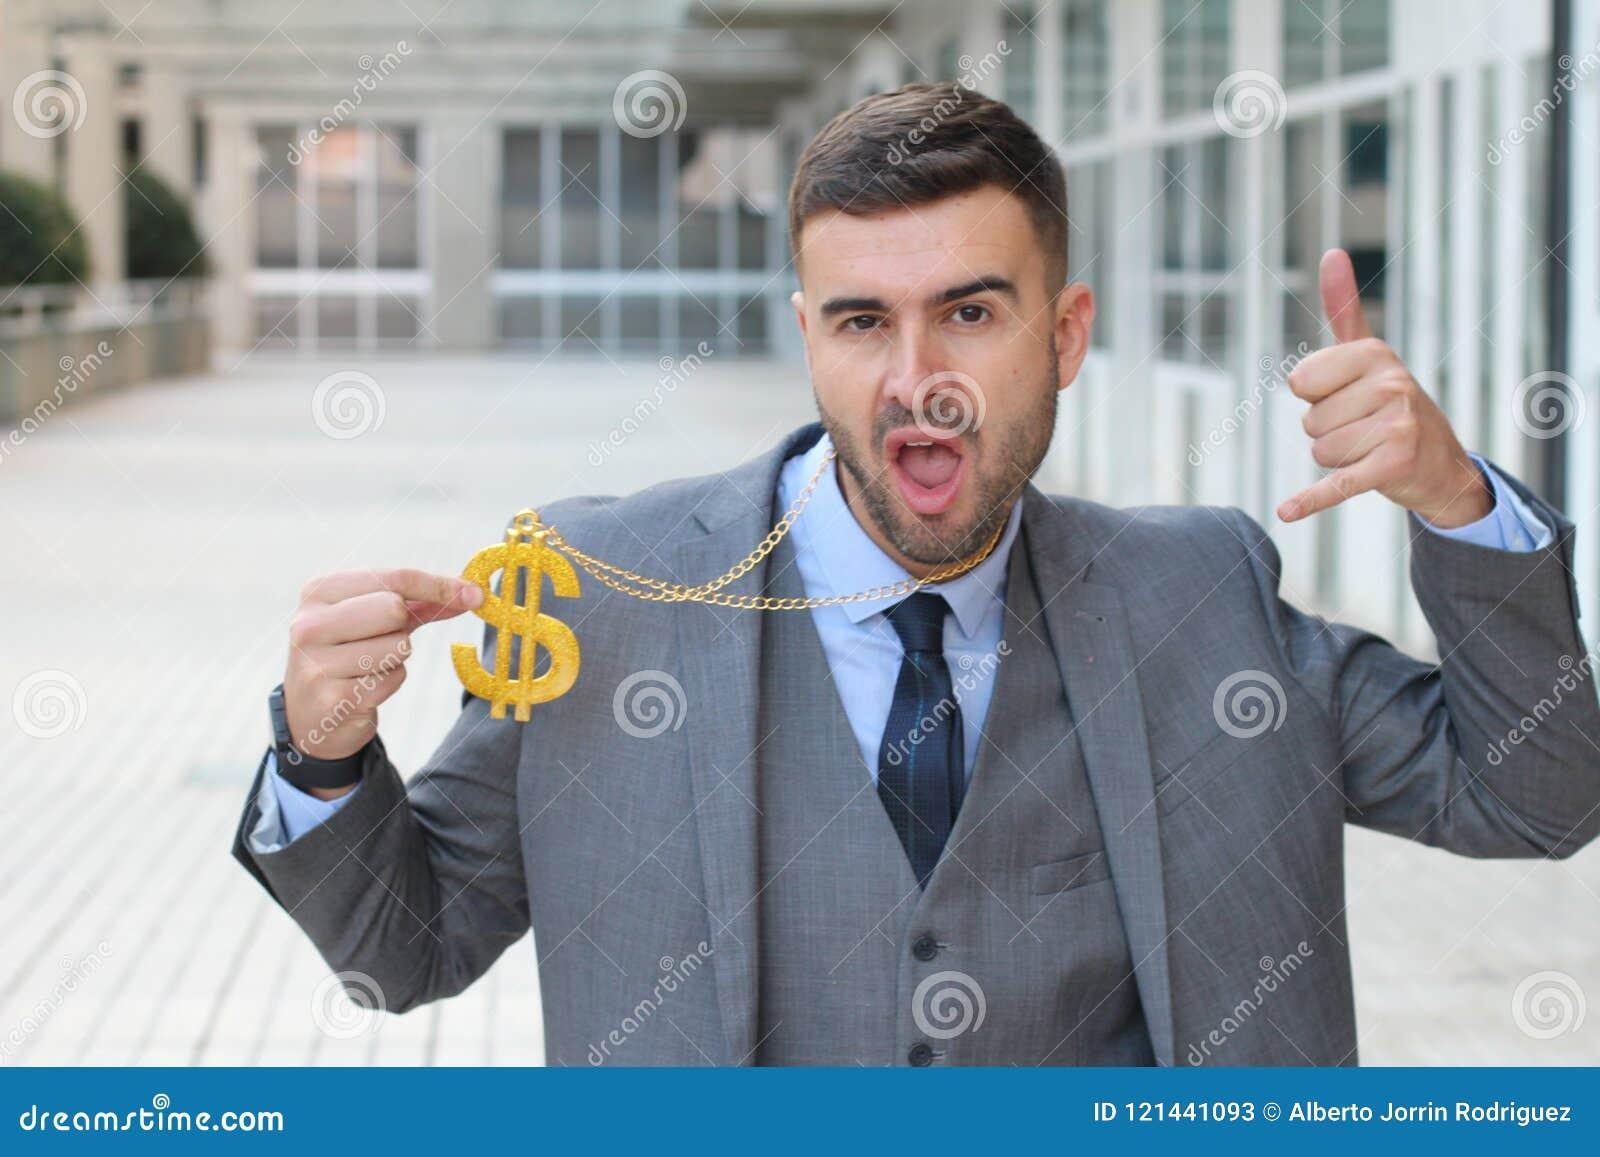 Бизнесмен тряся золотое ожерелье с знаком доллара